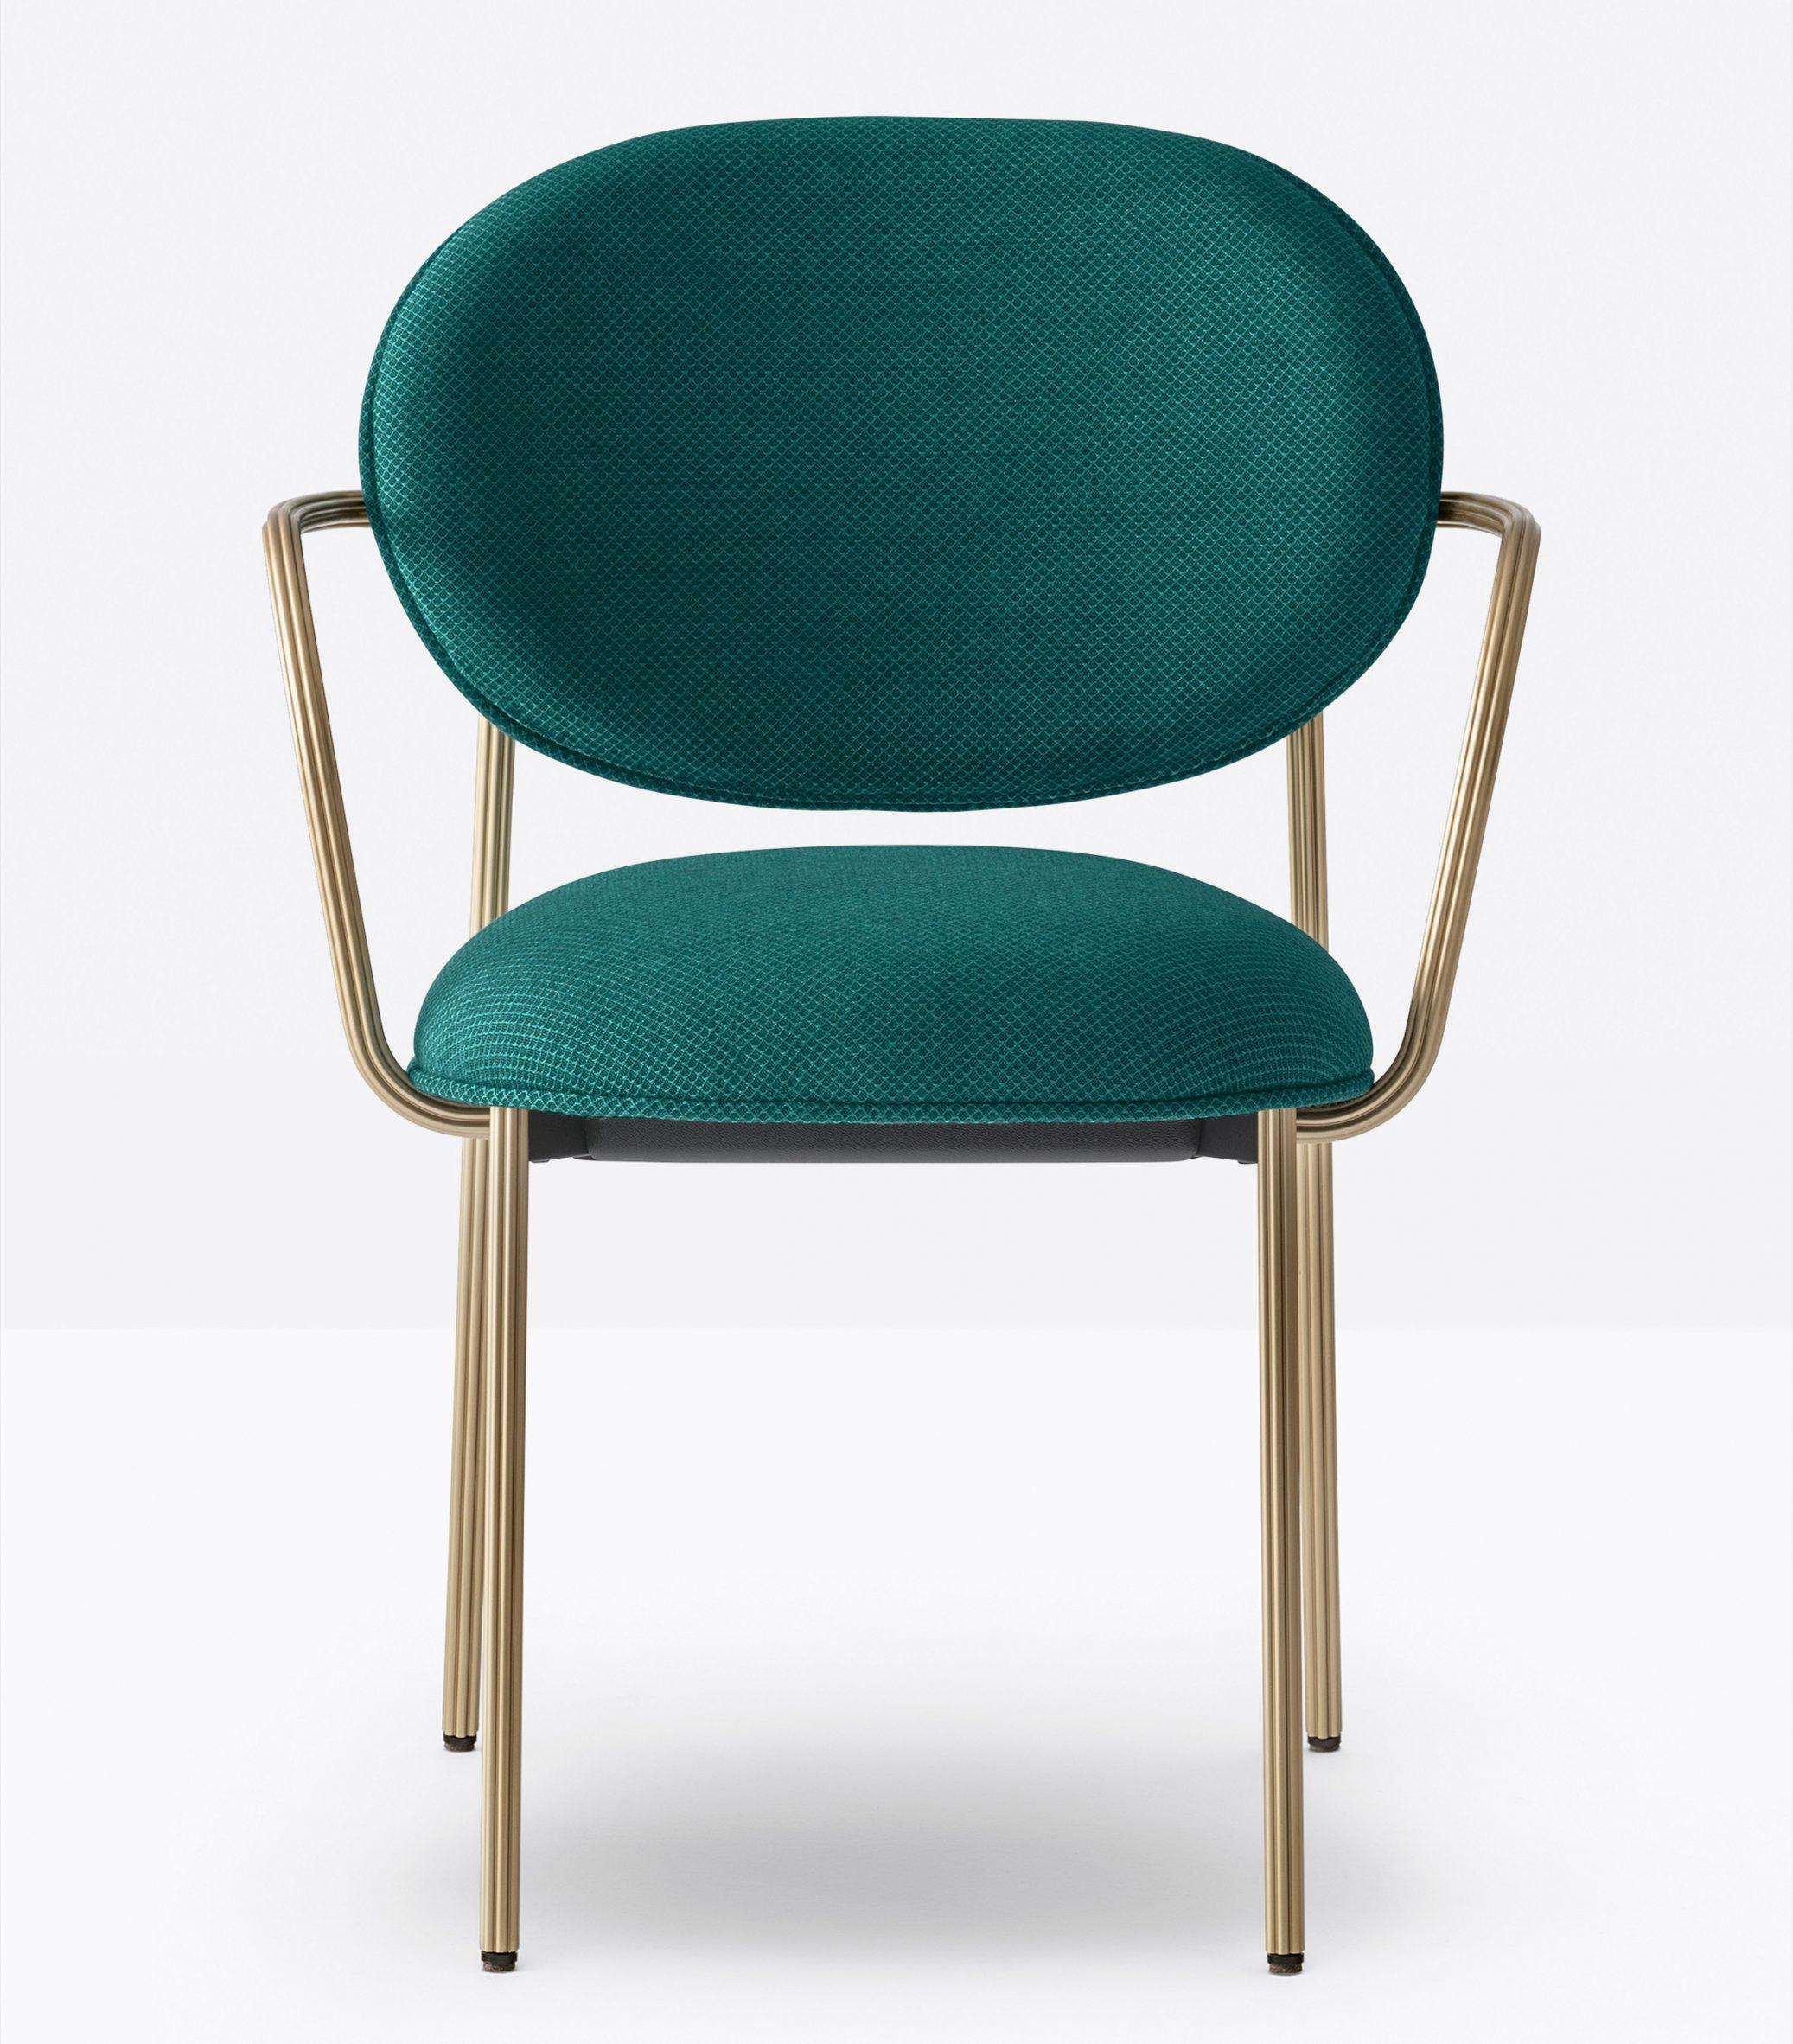 Blume armchair by Sebastian Herkner for Pedrali in green